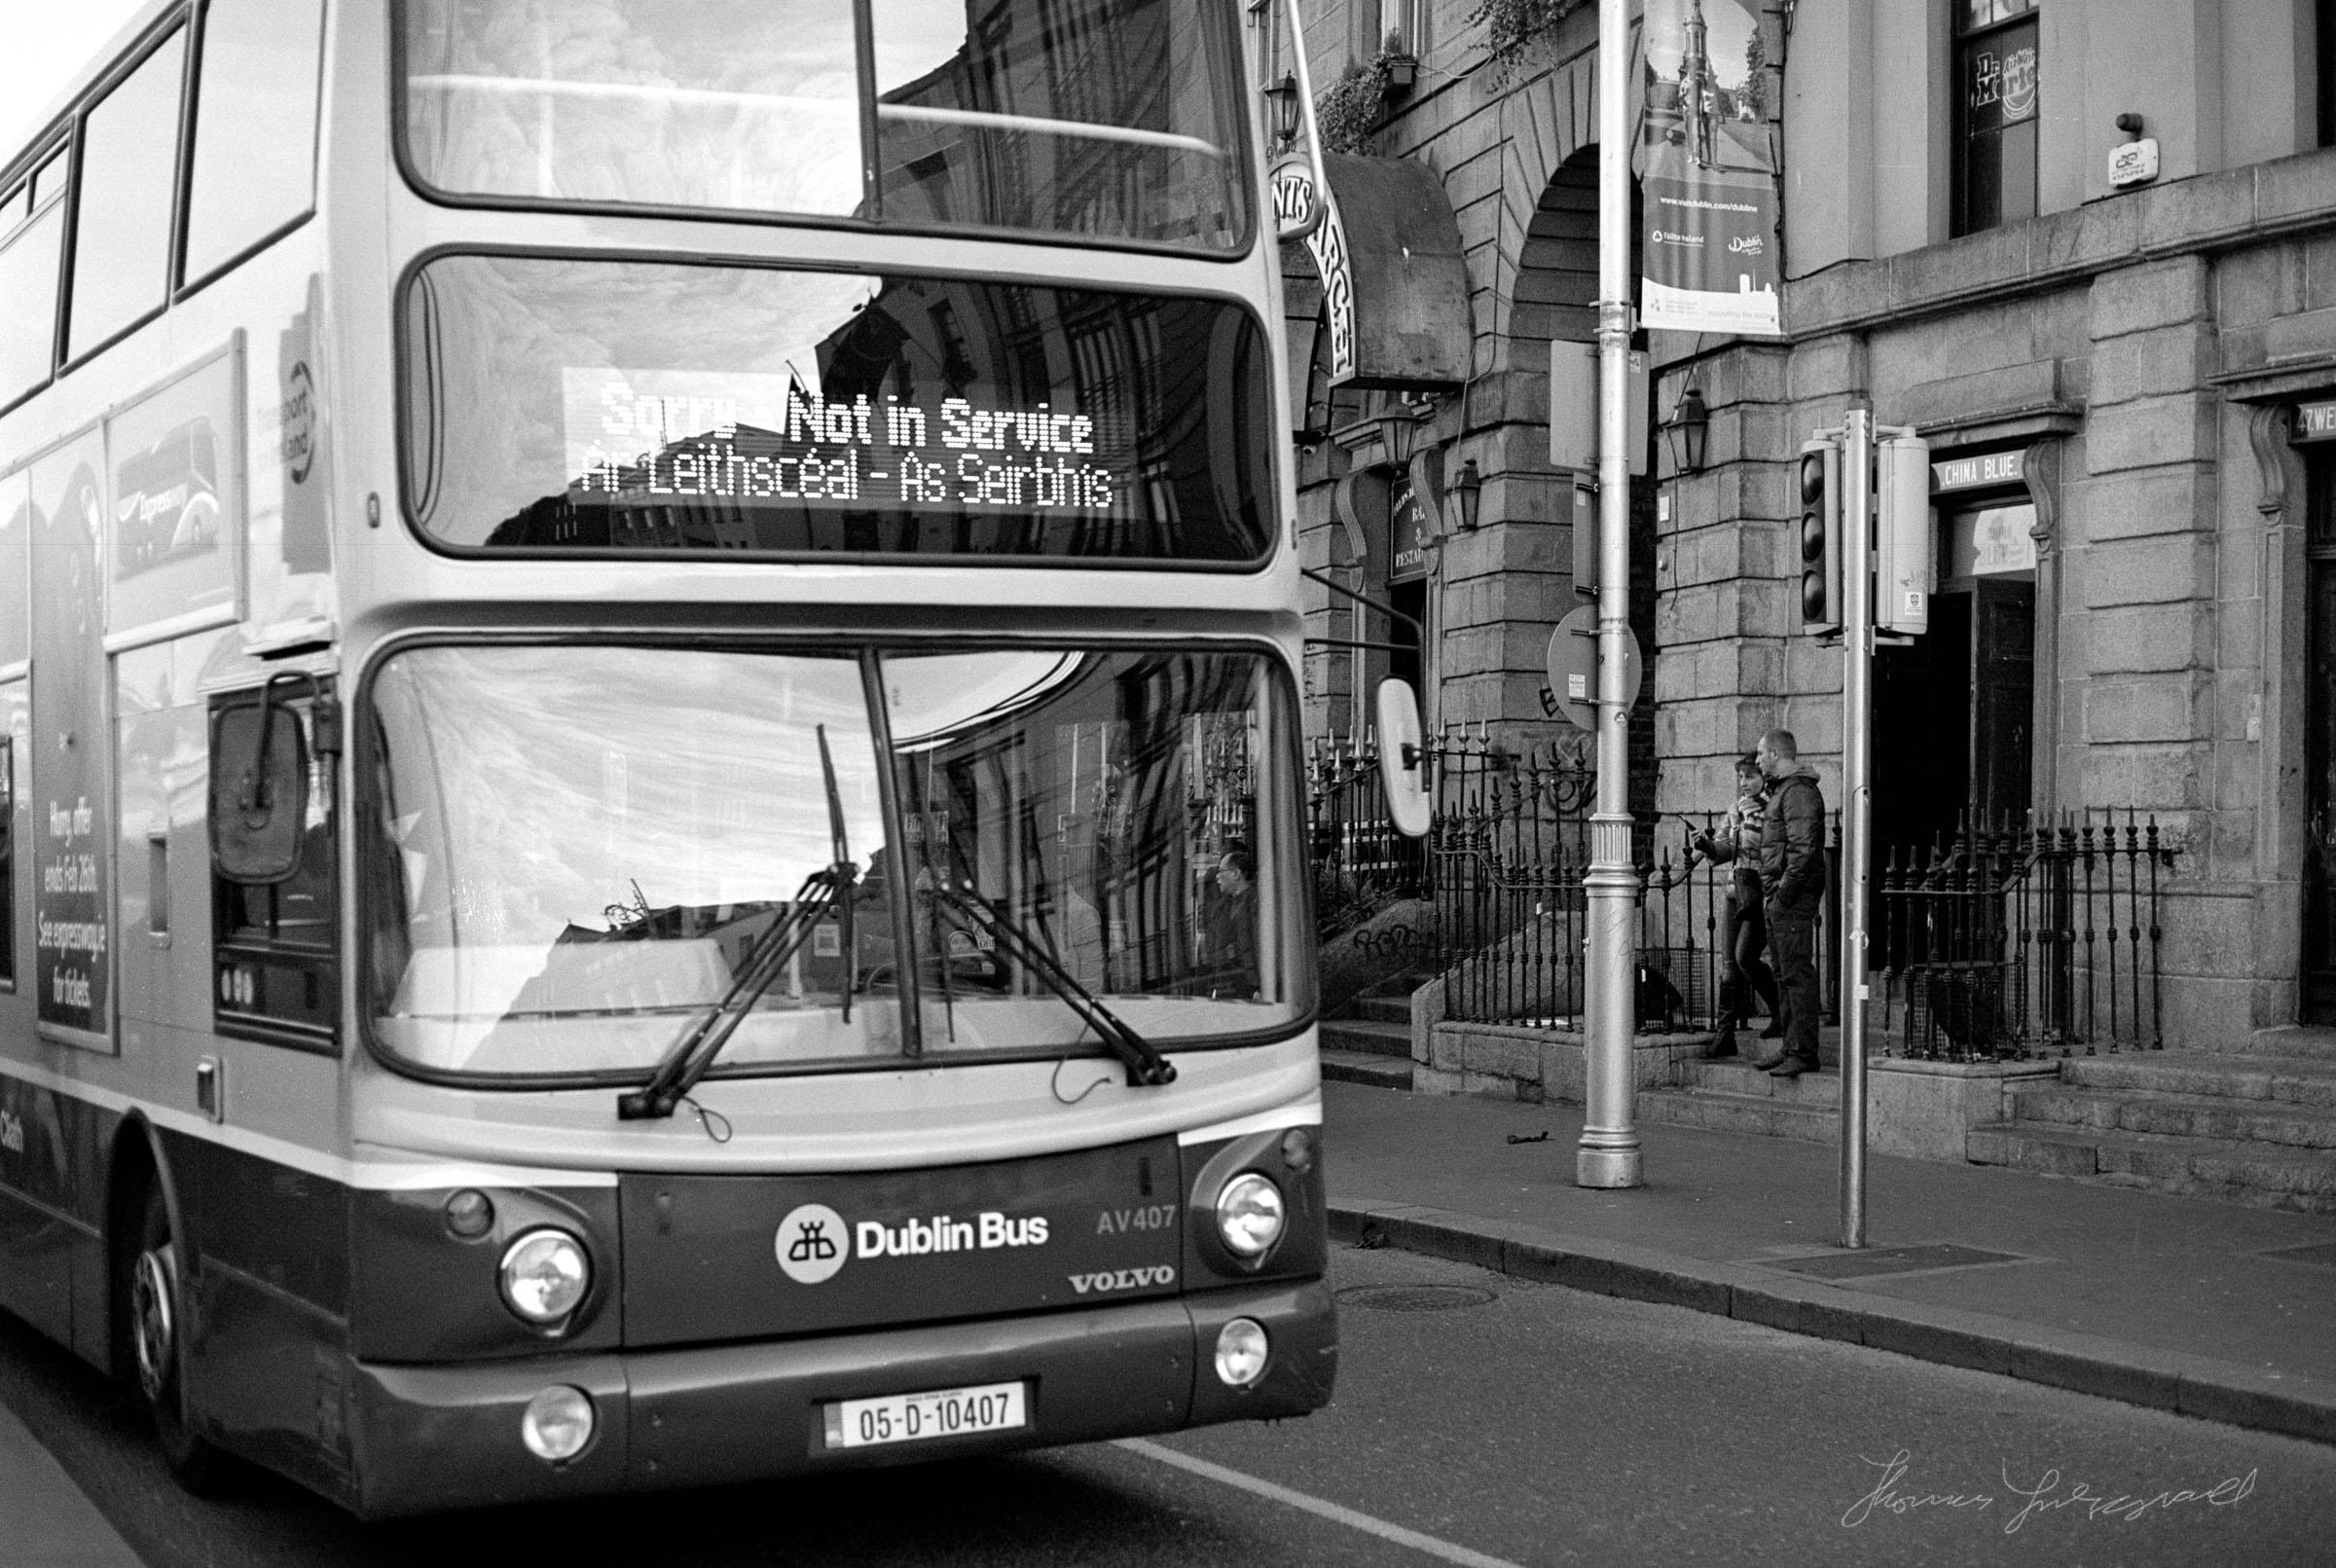 Dublin Bus on the Quays - Dublin on Film - The Streets of Dublin